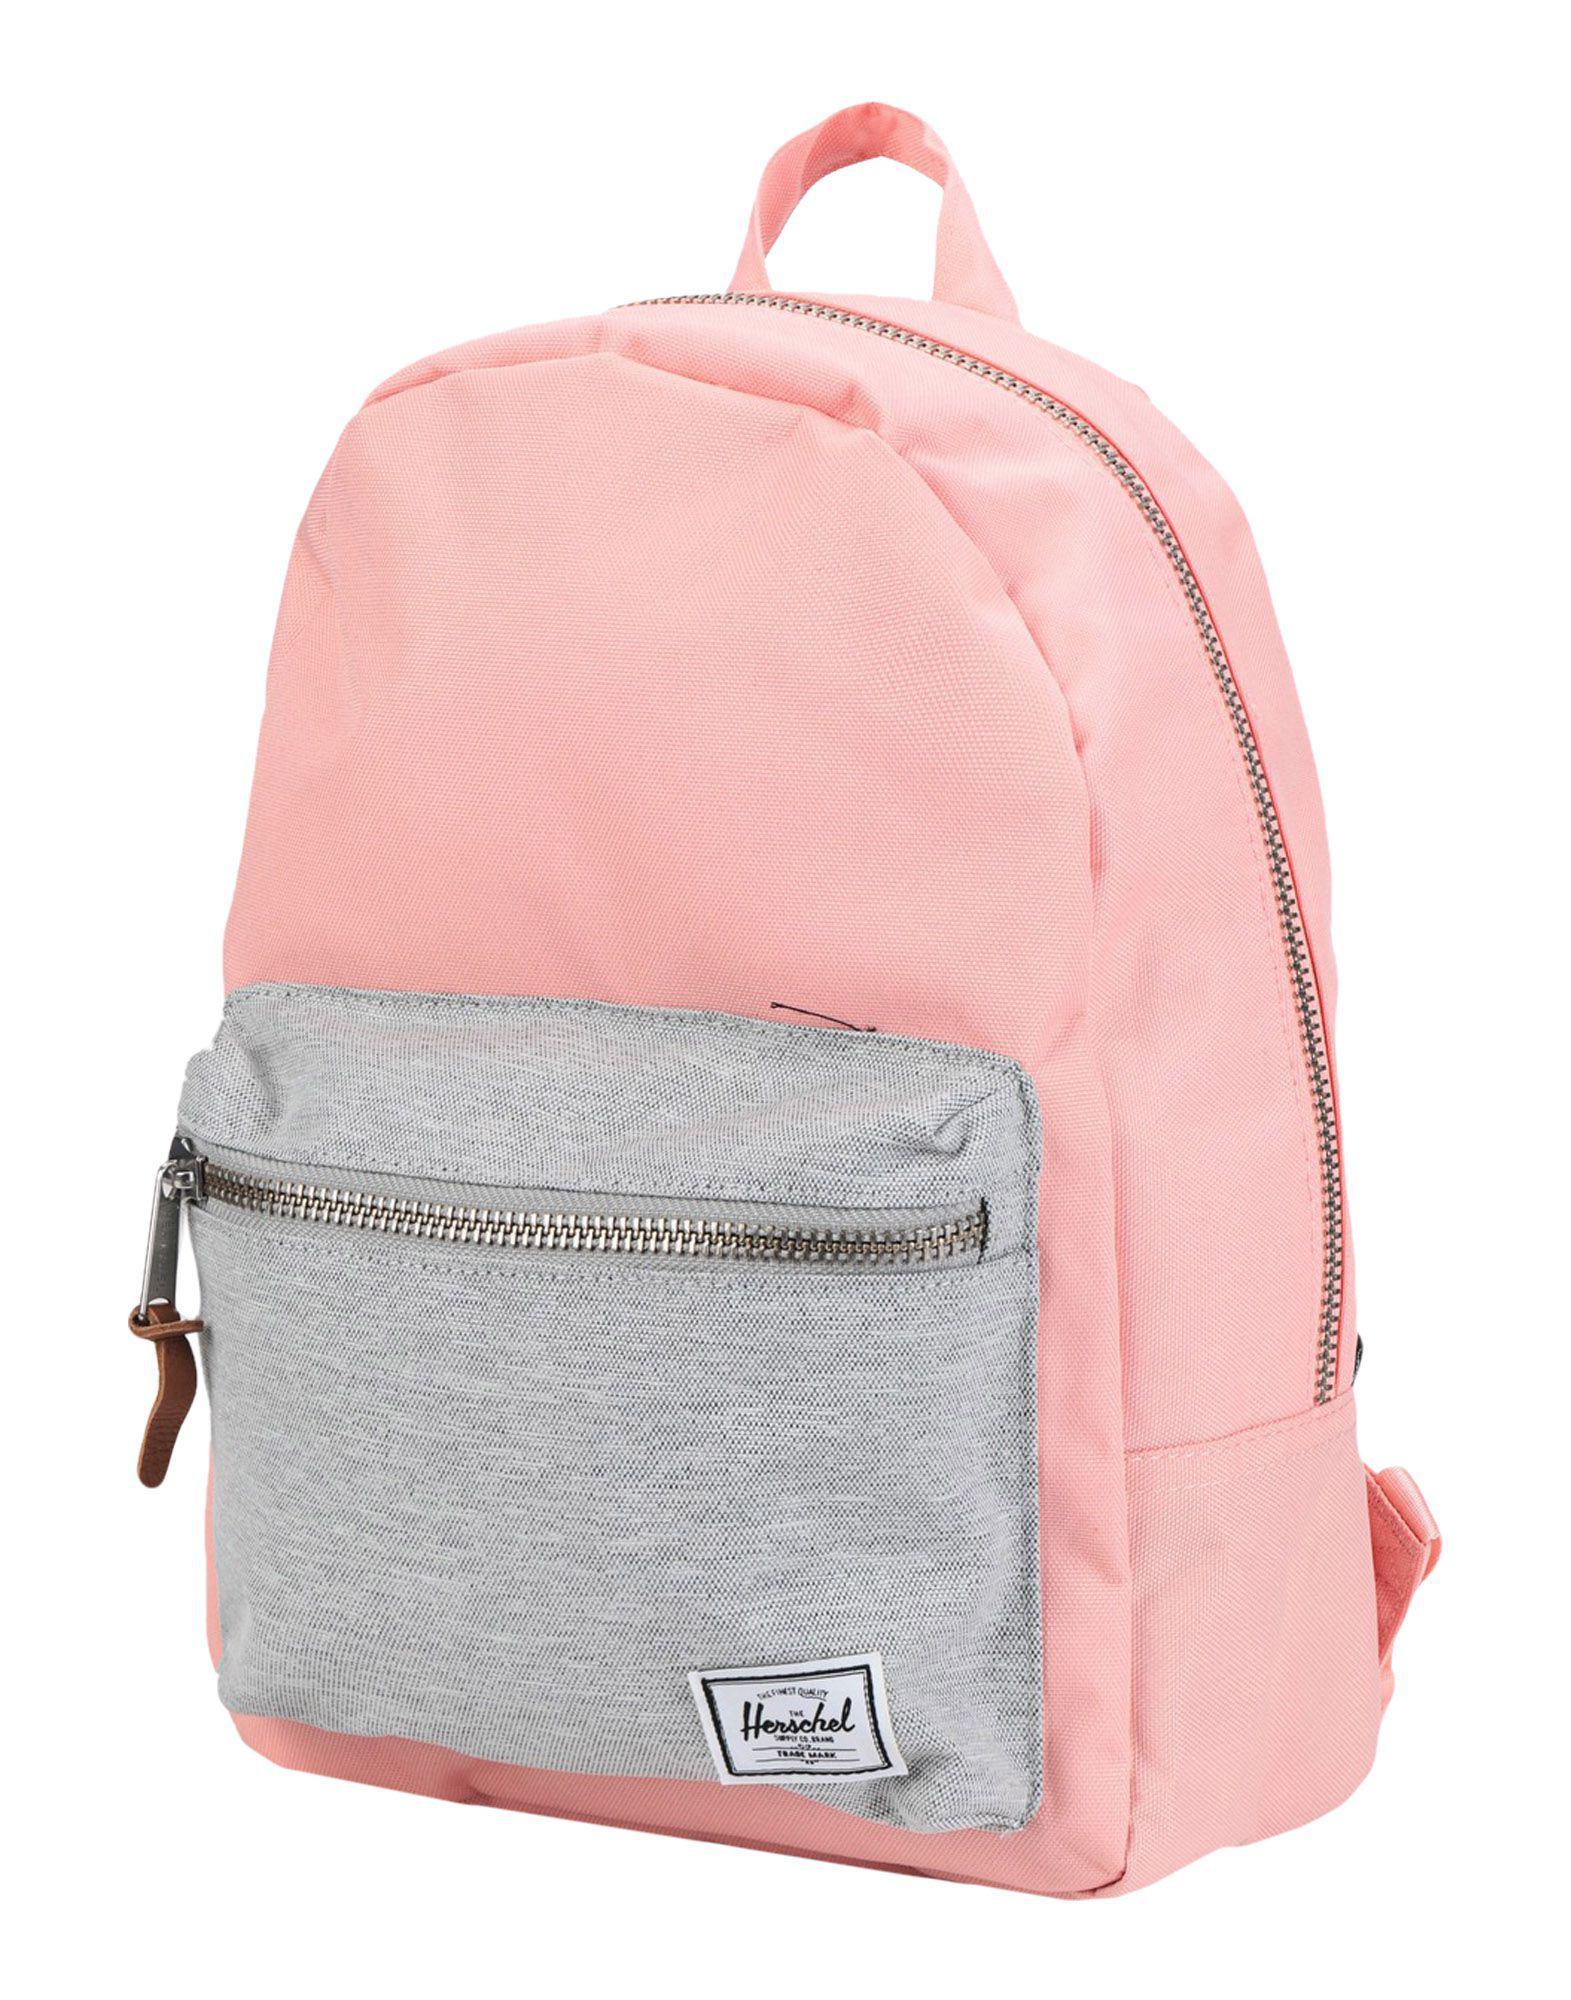 Herschel Supply Co. Backpacks   Bum Bags in Pink - Lyst c4b73d9186